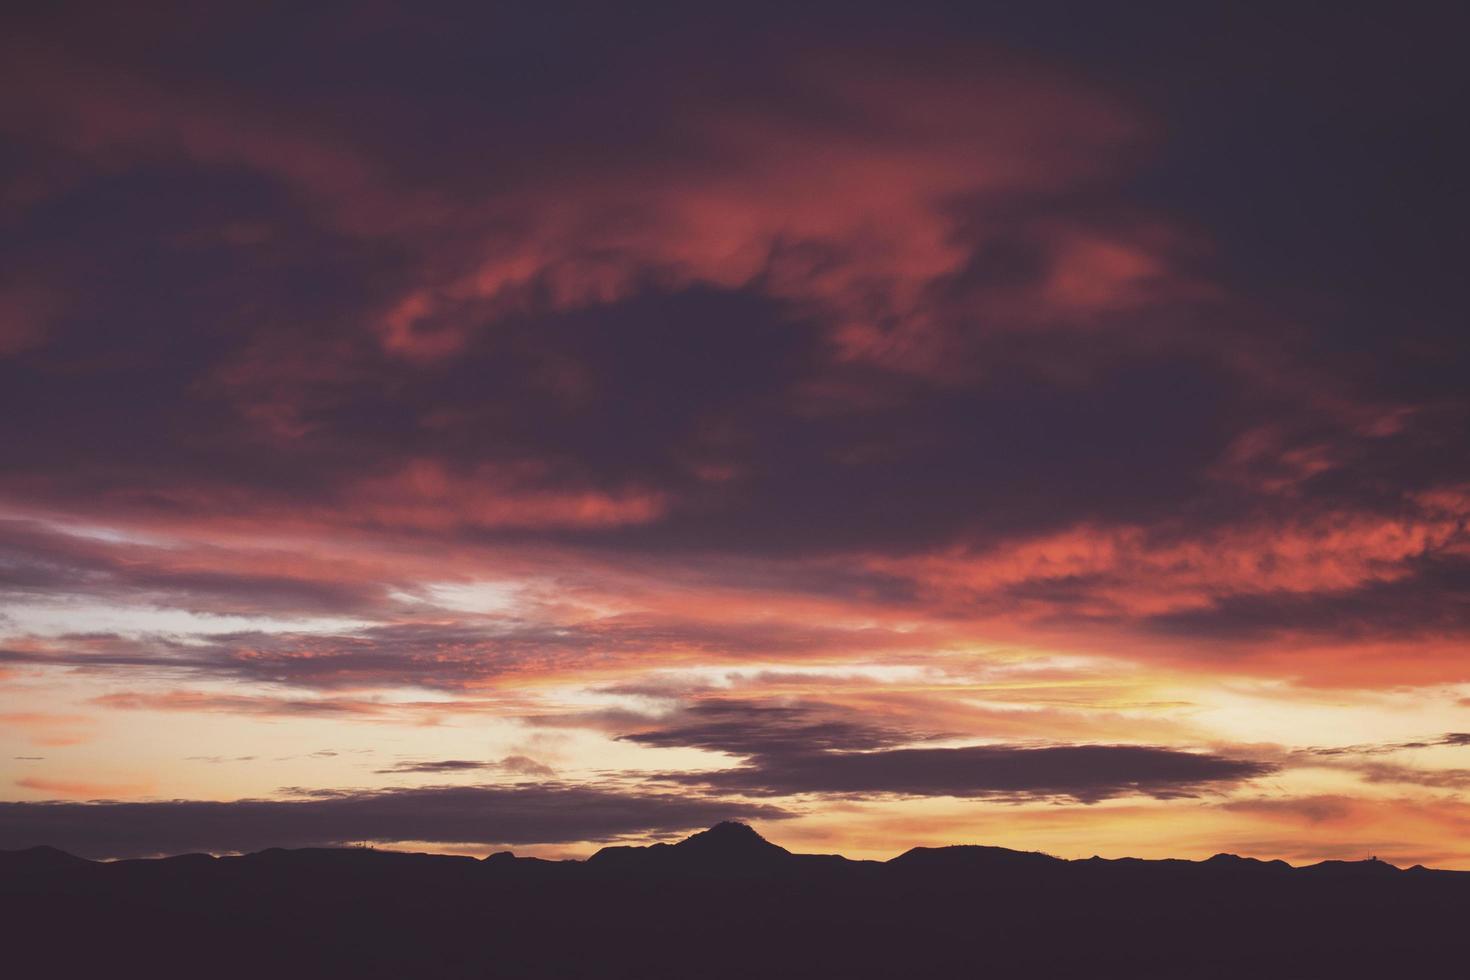 coucher de soleil rouge et violet photo